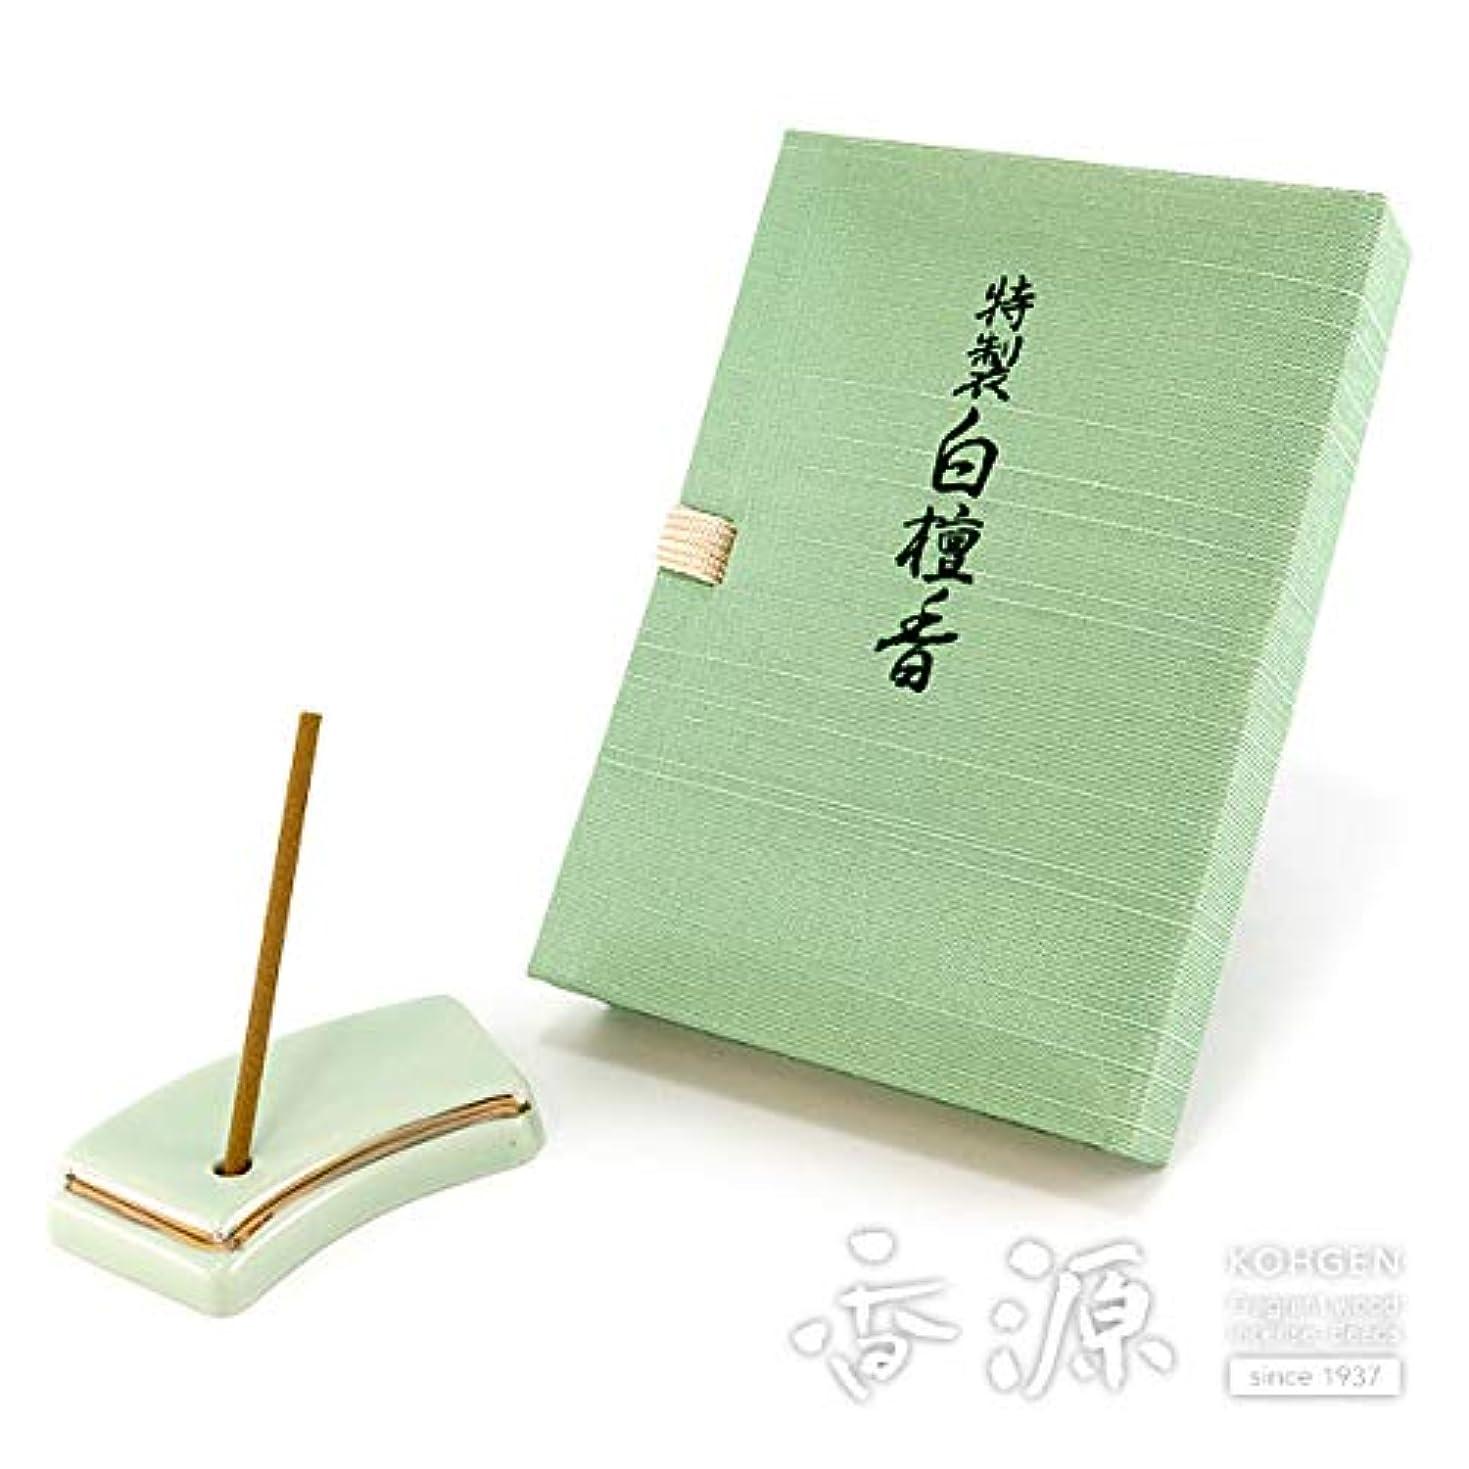 困ったコロニー自動化日本香堂のお香 特製白檀香 スティックミニ寸文庫型 60本入り